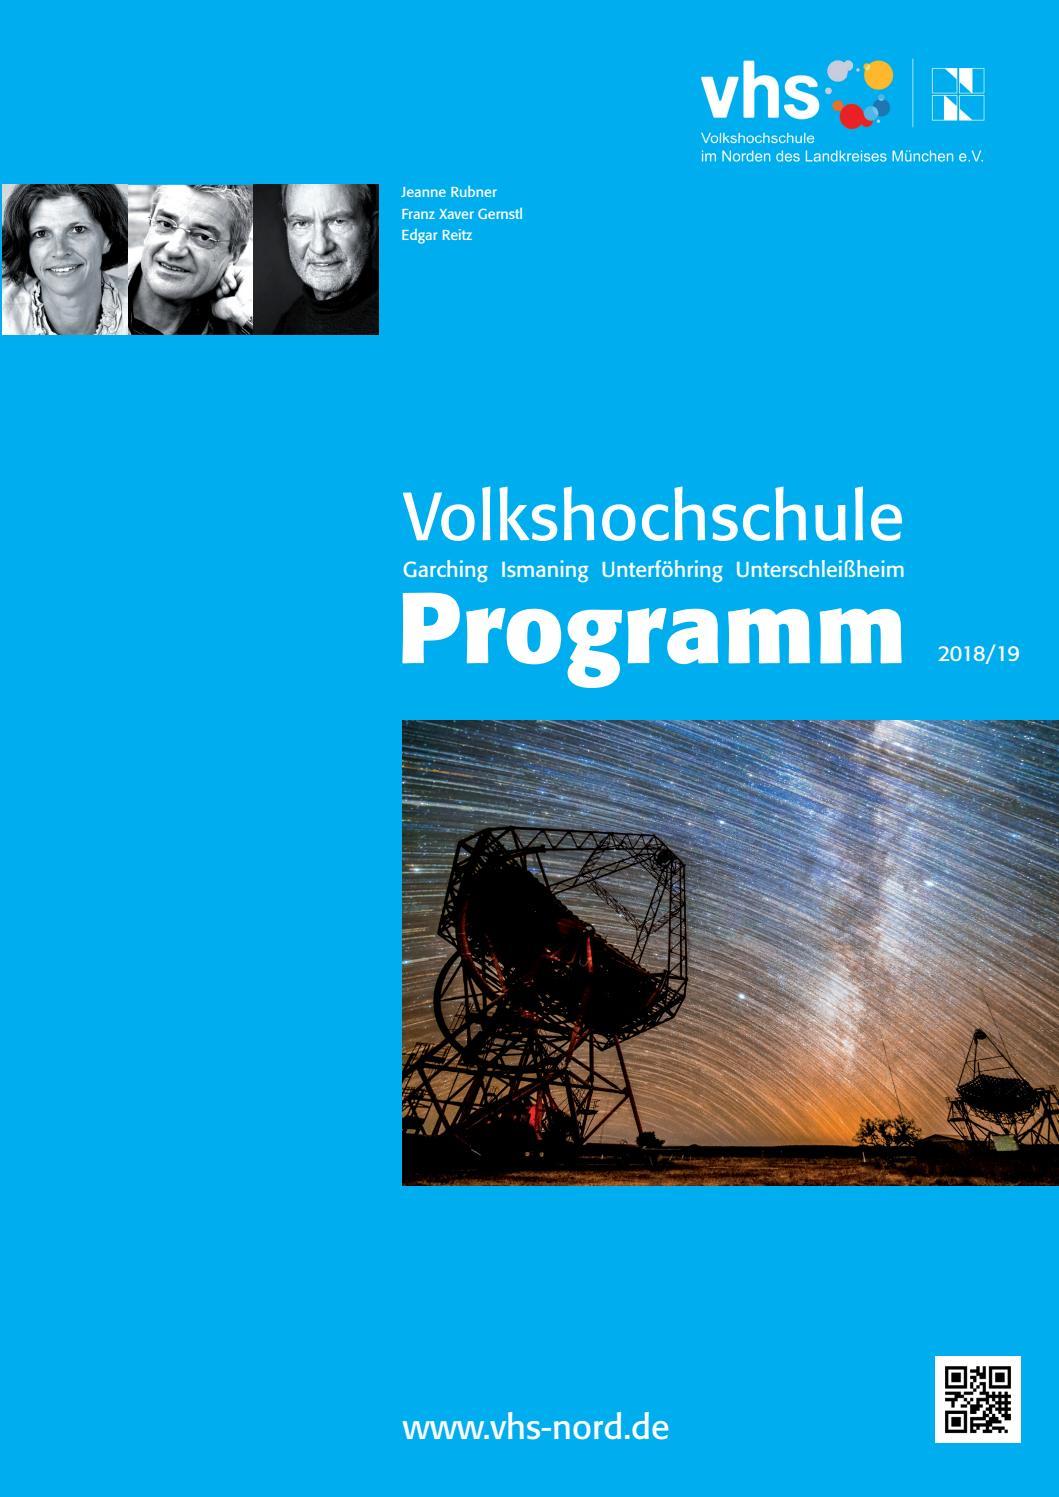 Lilo Lustig und der Engel der Zeit: Die Geschichte einer außergewöhnlichen Begegnung (German Edition)